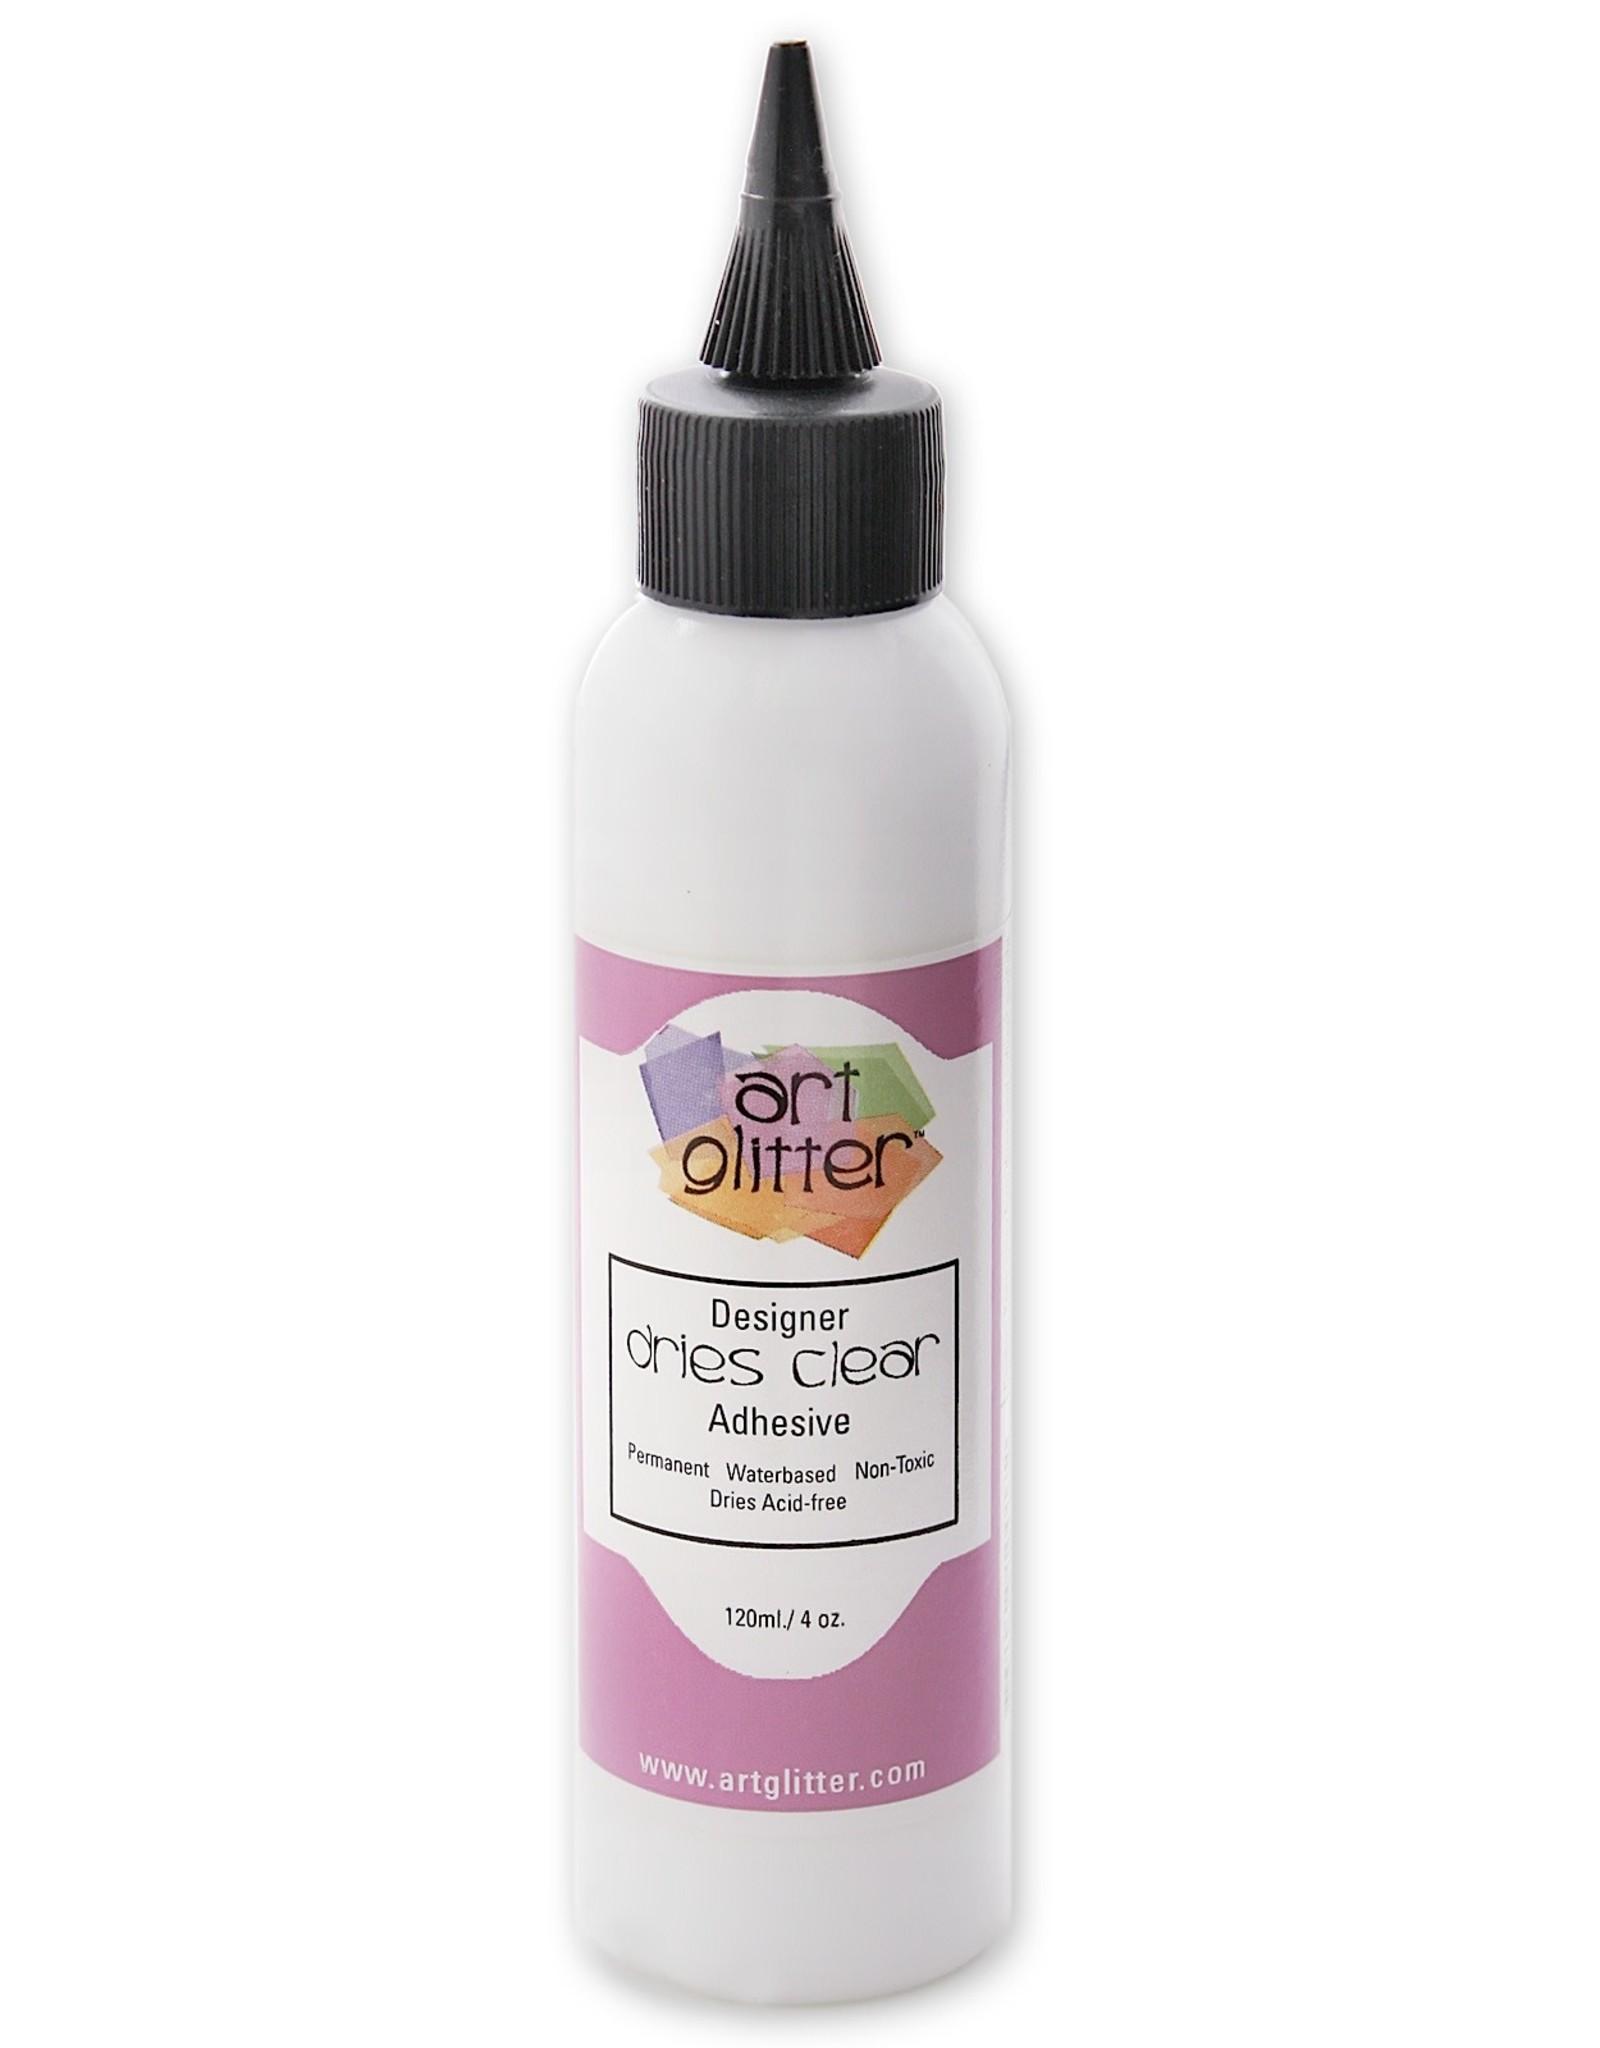 Art Glitter Art Glitter Adhesive 4 oz